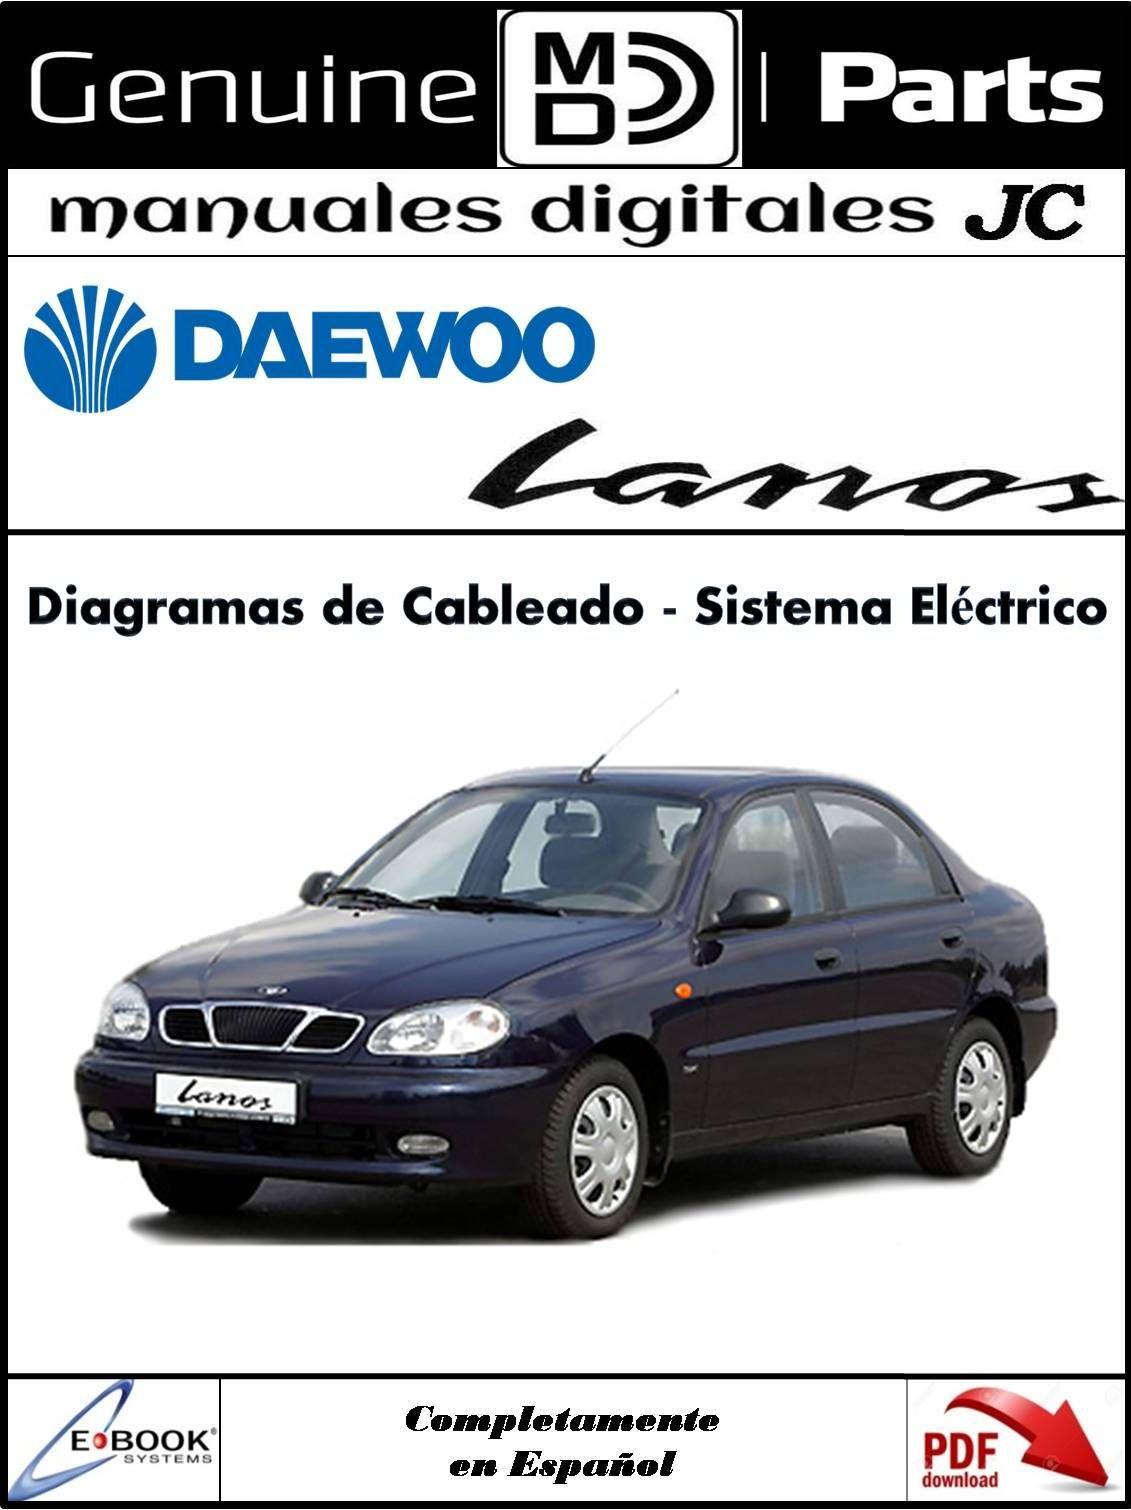 Manual Diagramas de Cableado Sistema Eléctrico para el Daewoo LANOS Correo:  [emailprotected]